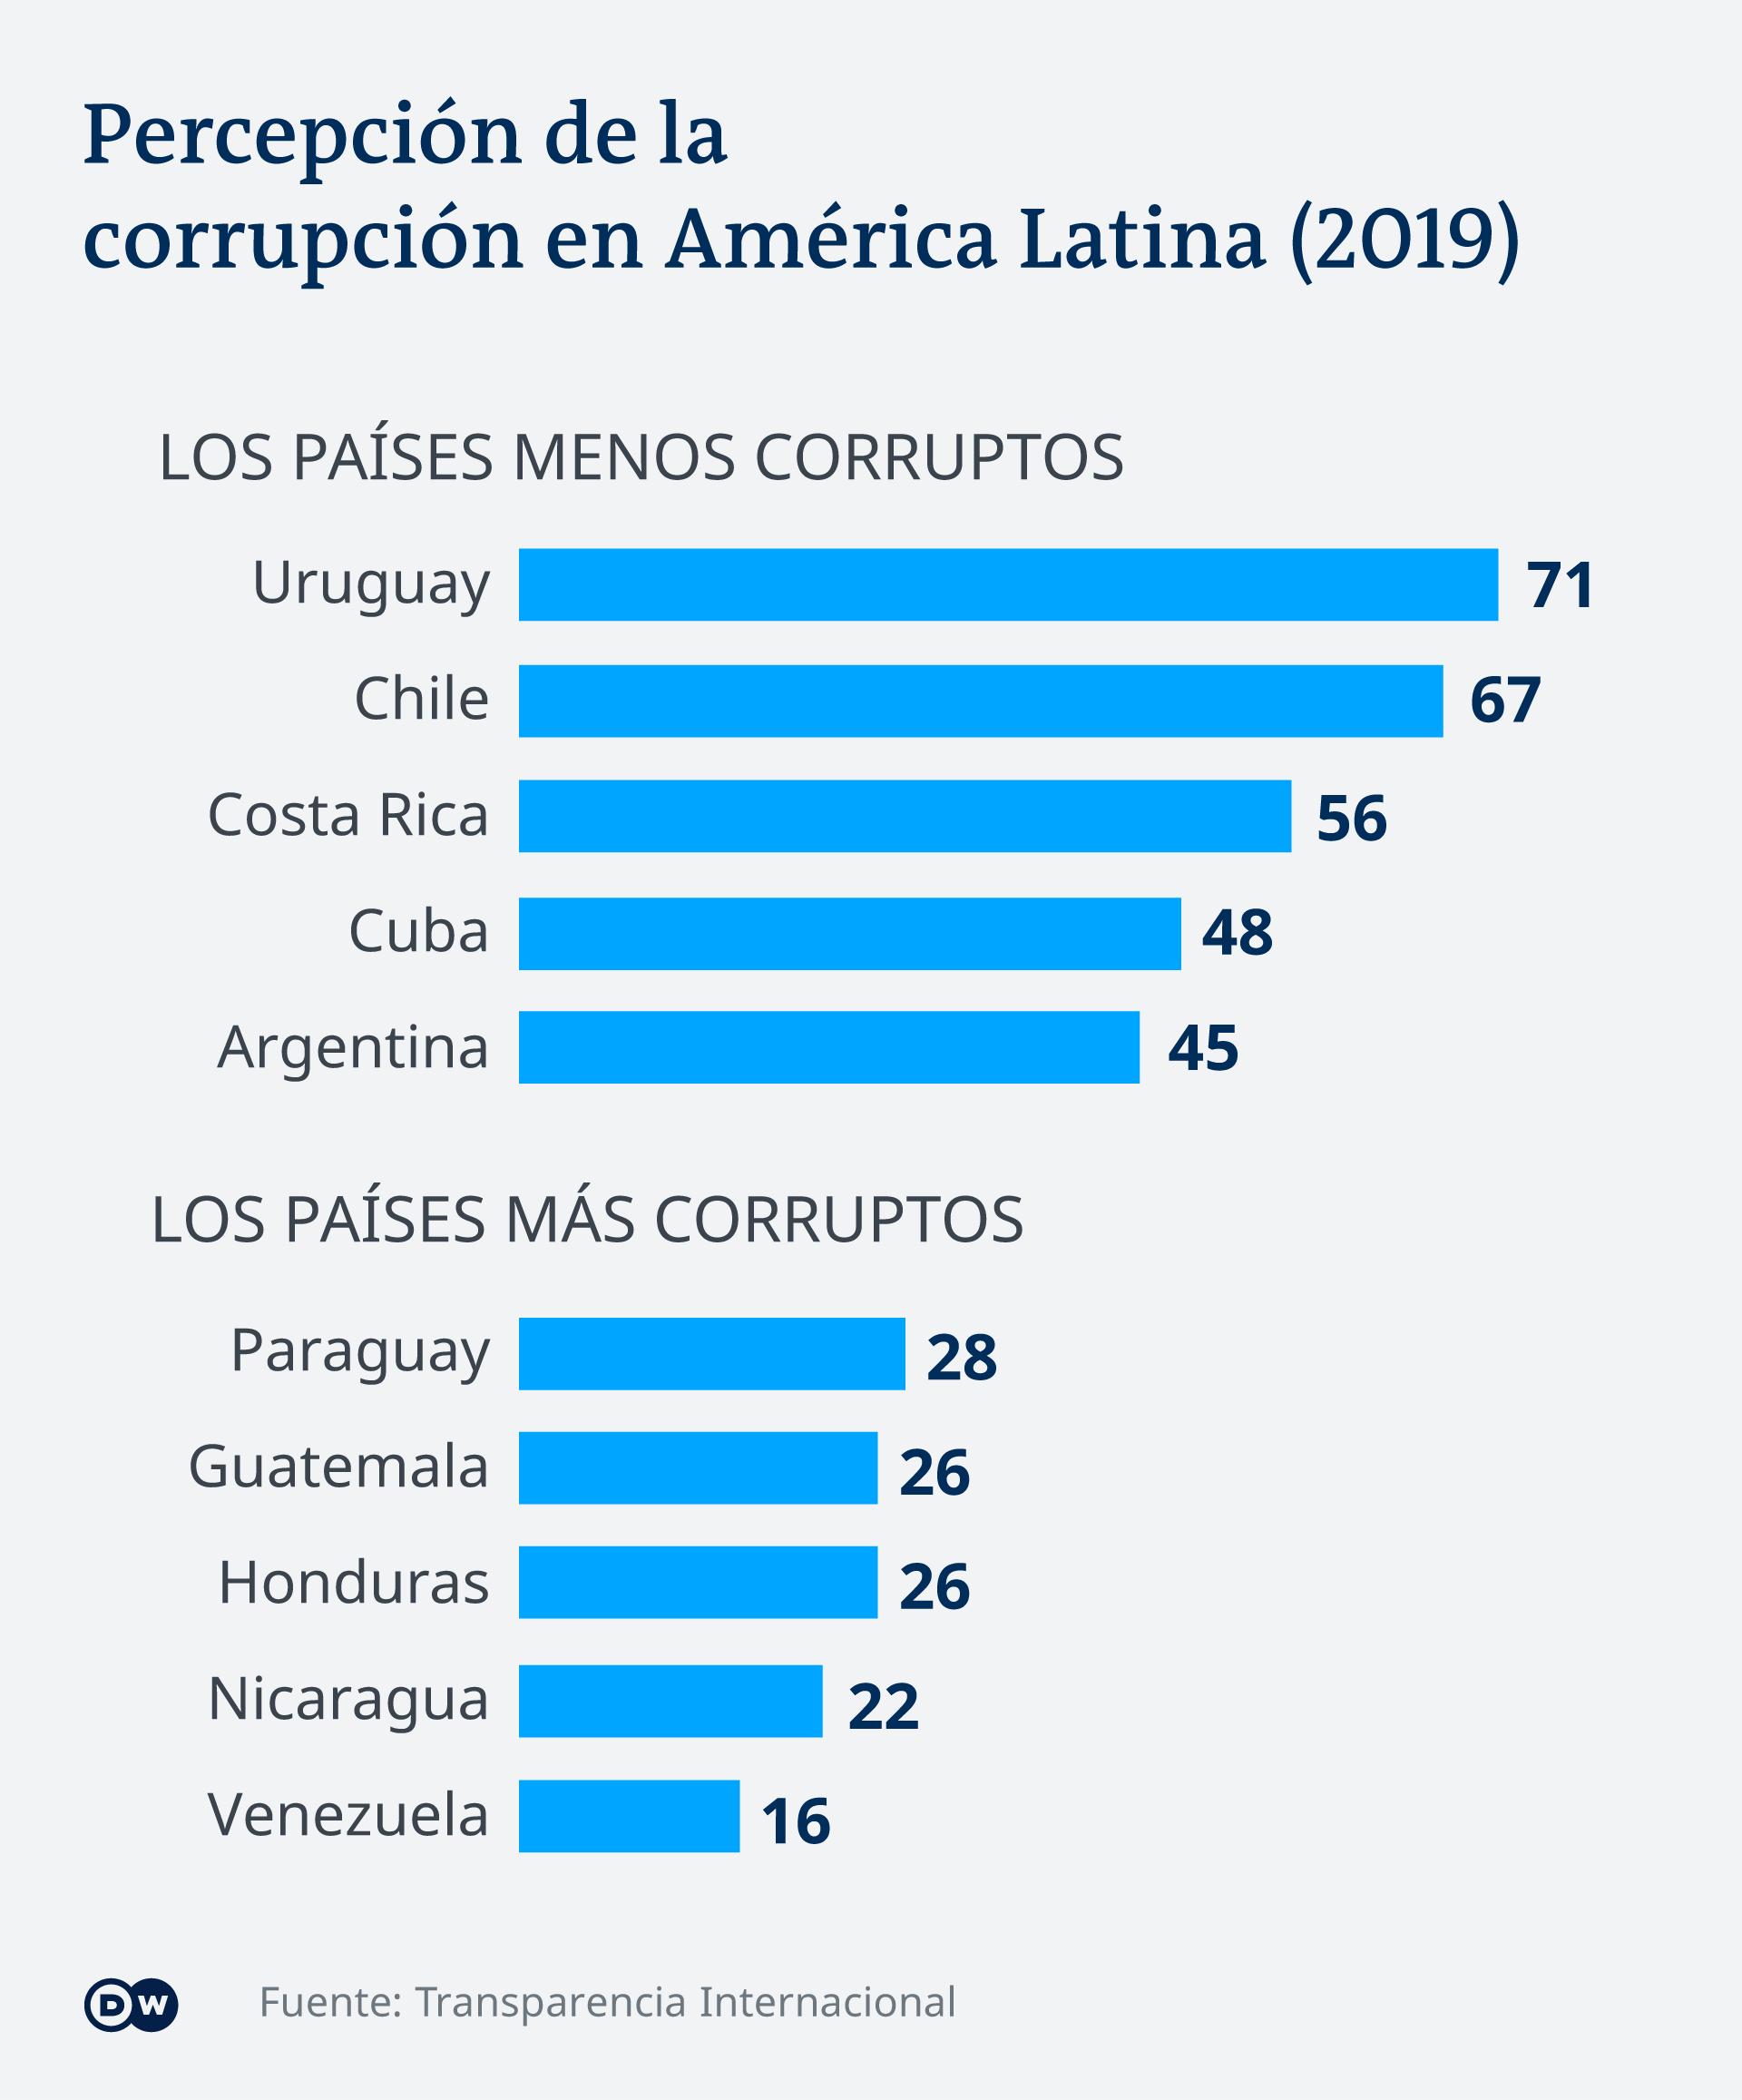 Datos del reporte sobre corrupción en América Latina publicado en 2019 por Transparencia Internacional.